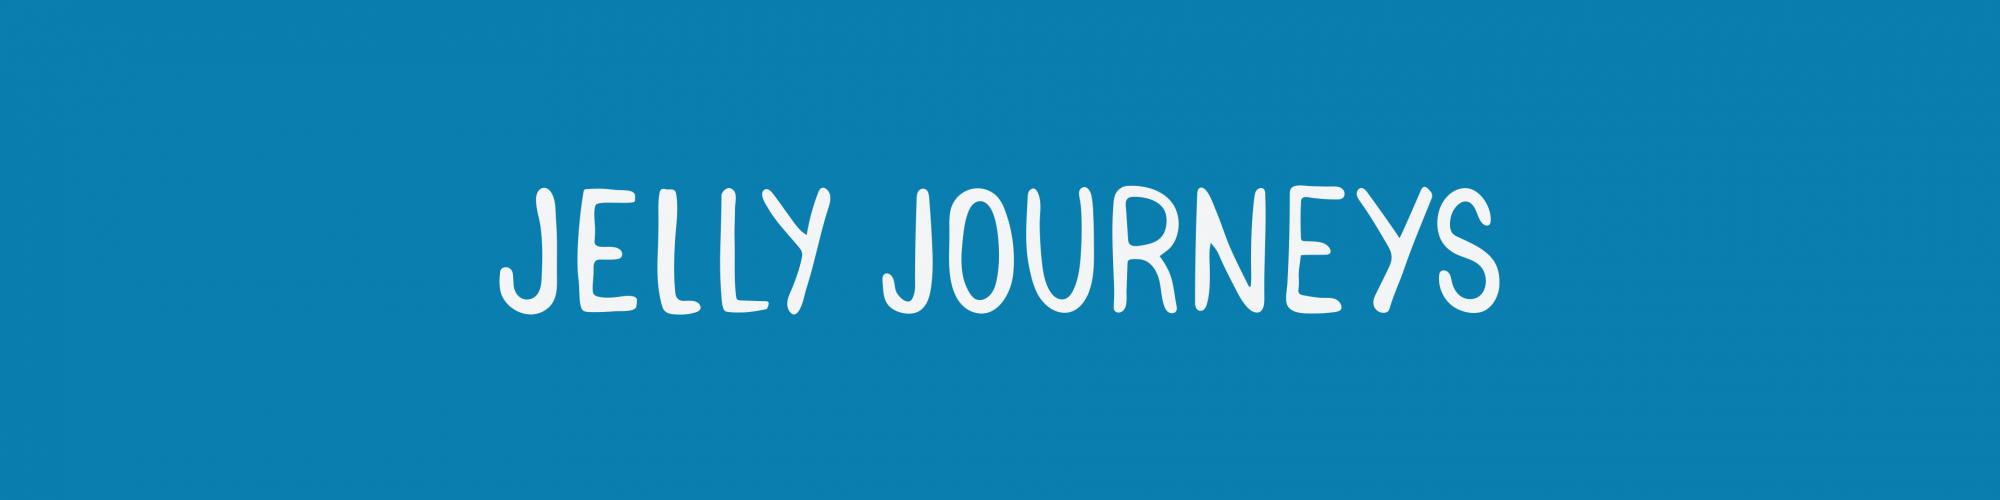 Jelly Journeys